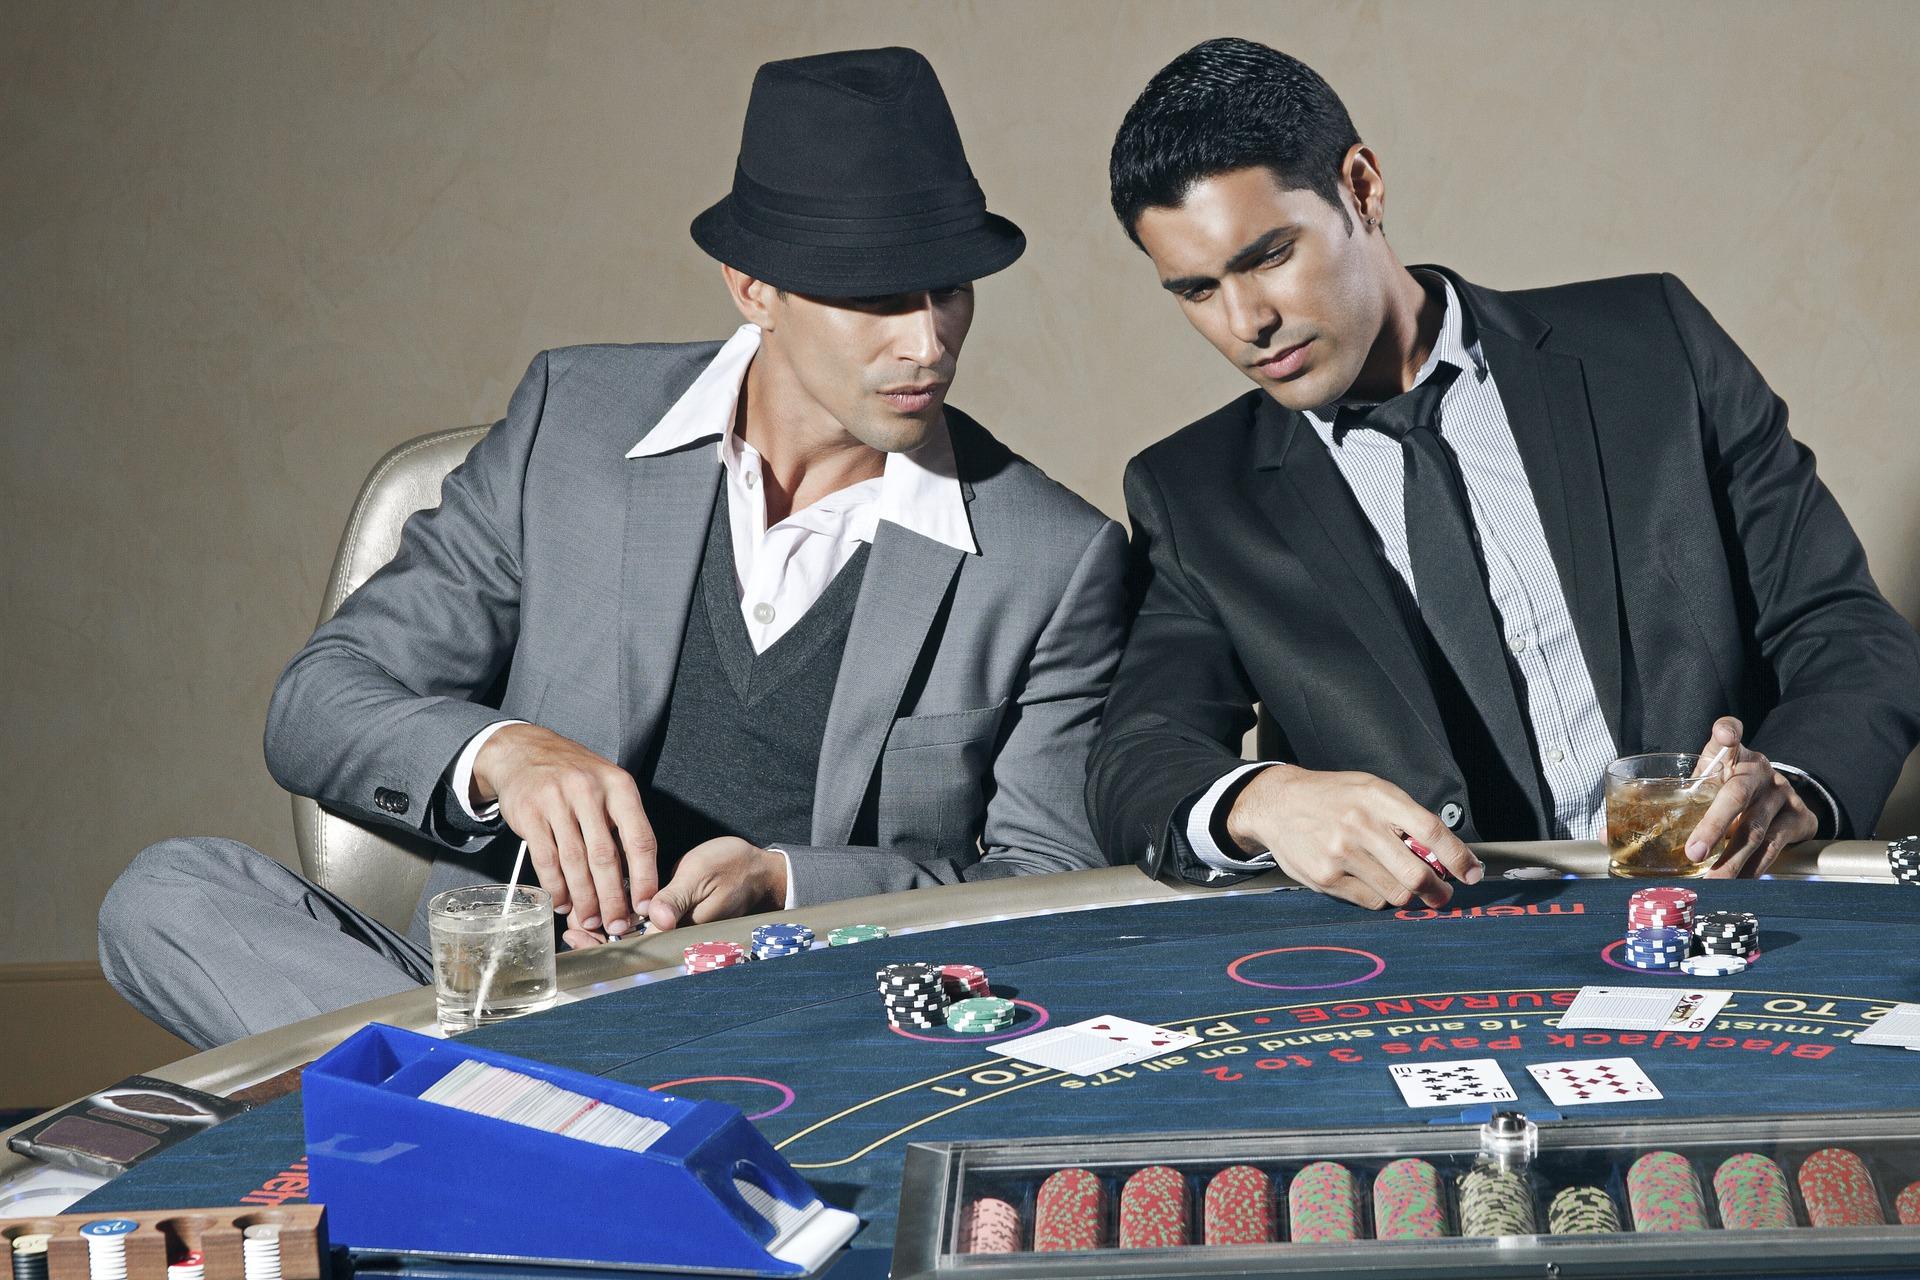 mænd spiller poker